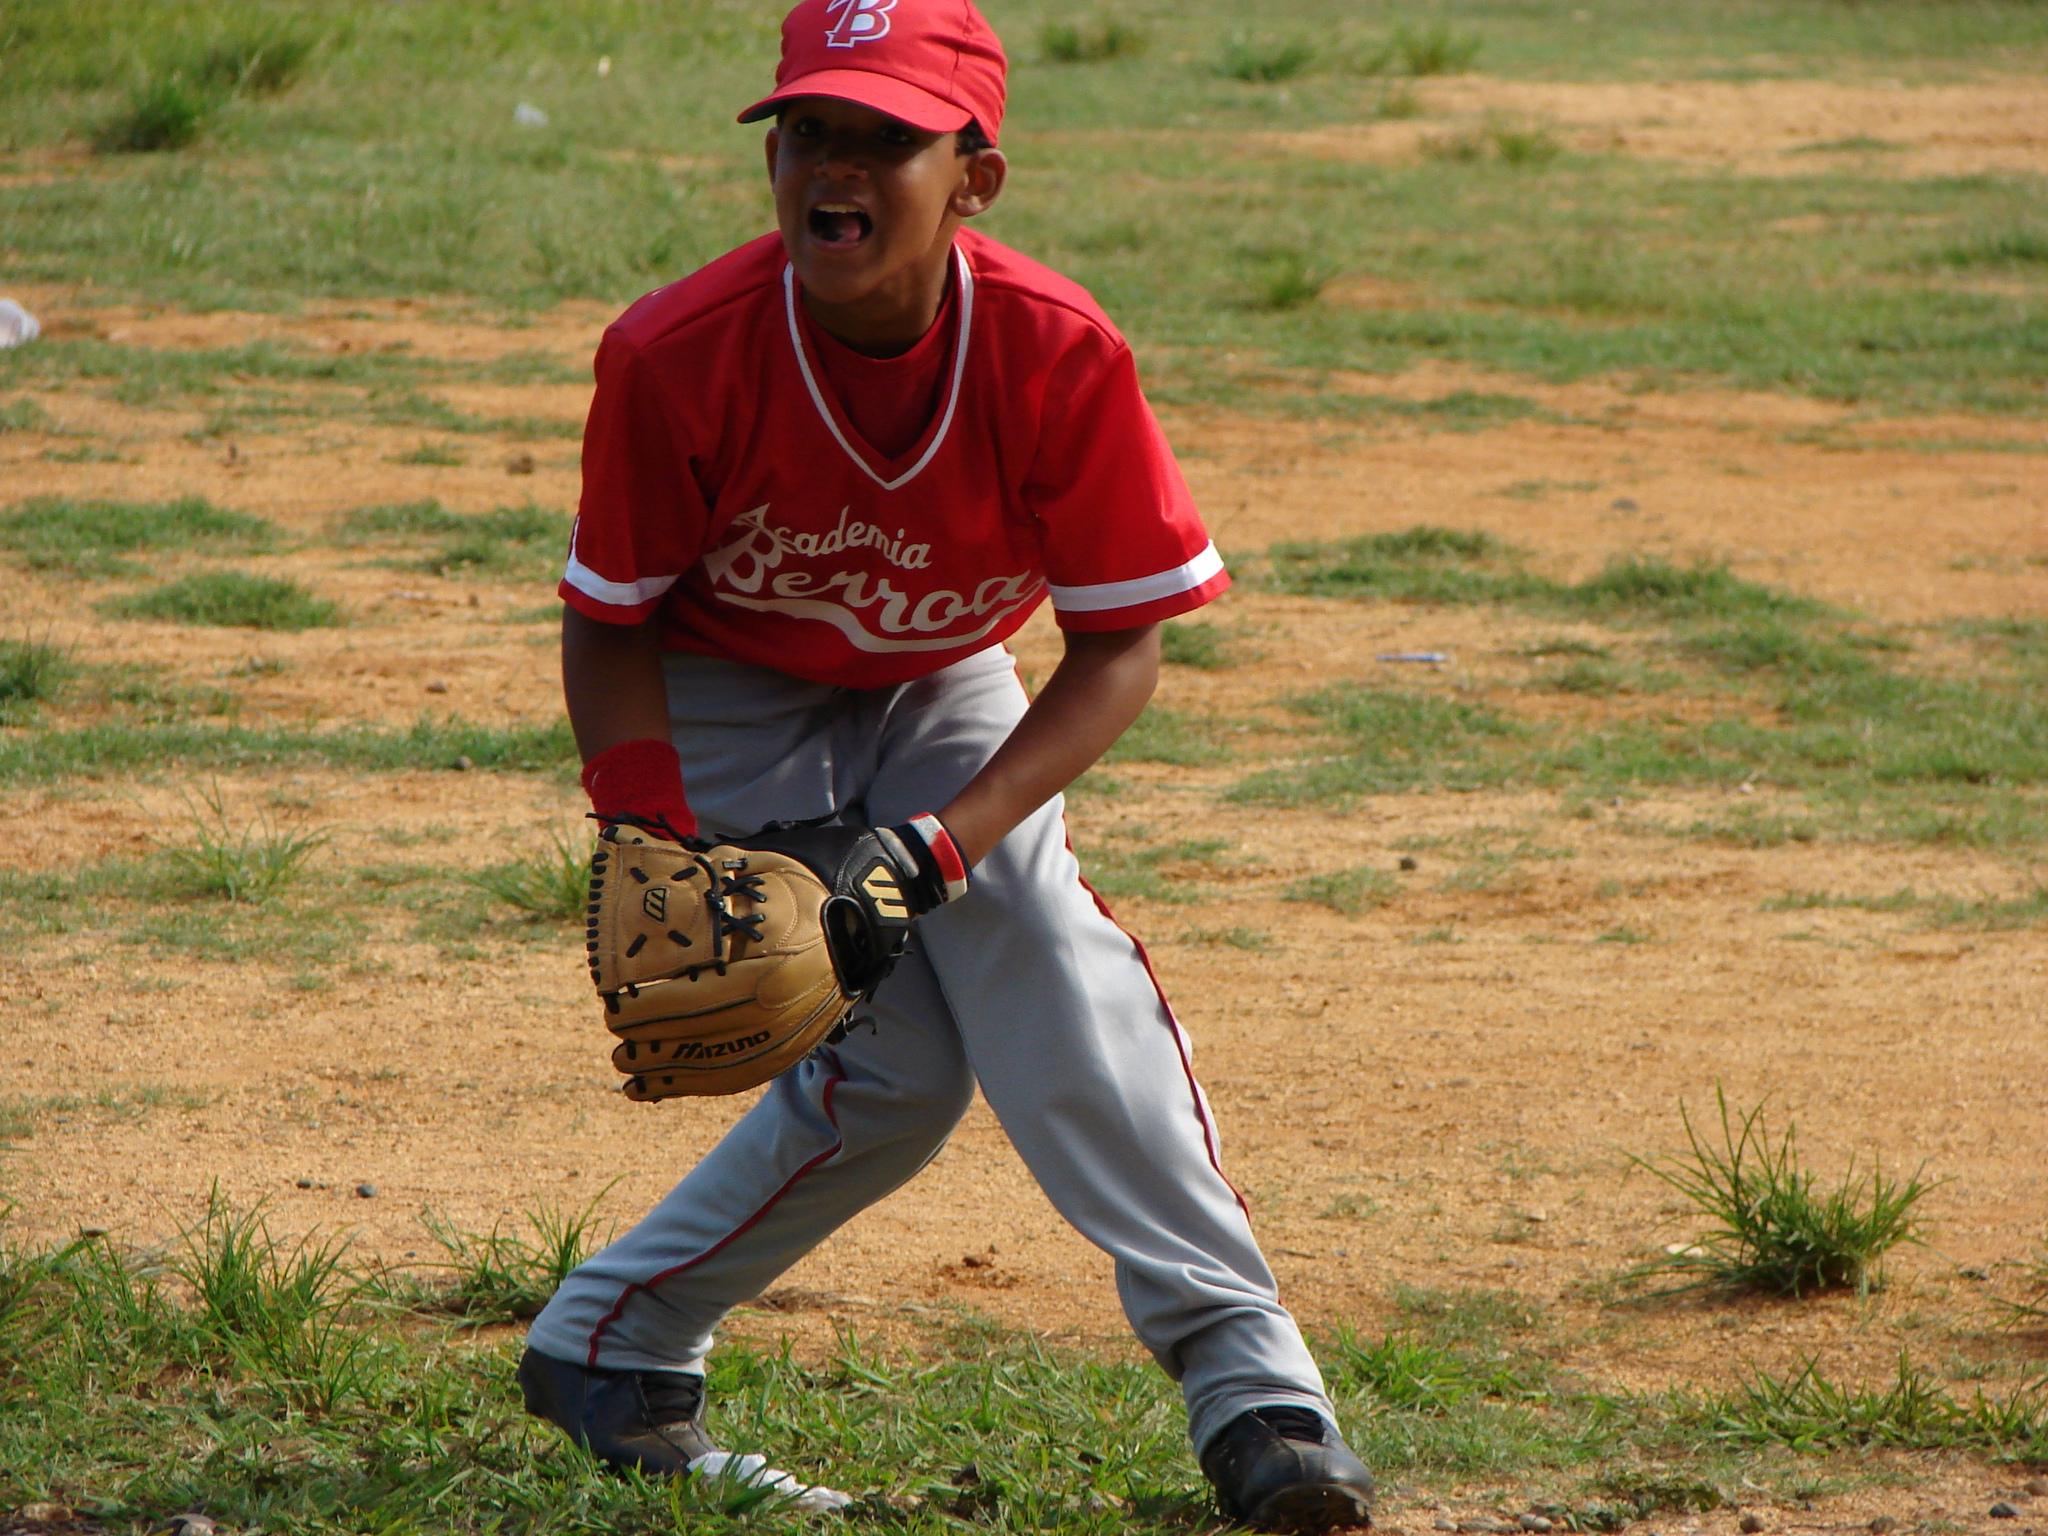 Baseball w Dominkanie, młodt gracz baseballa łapie piłkę